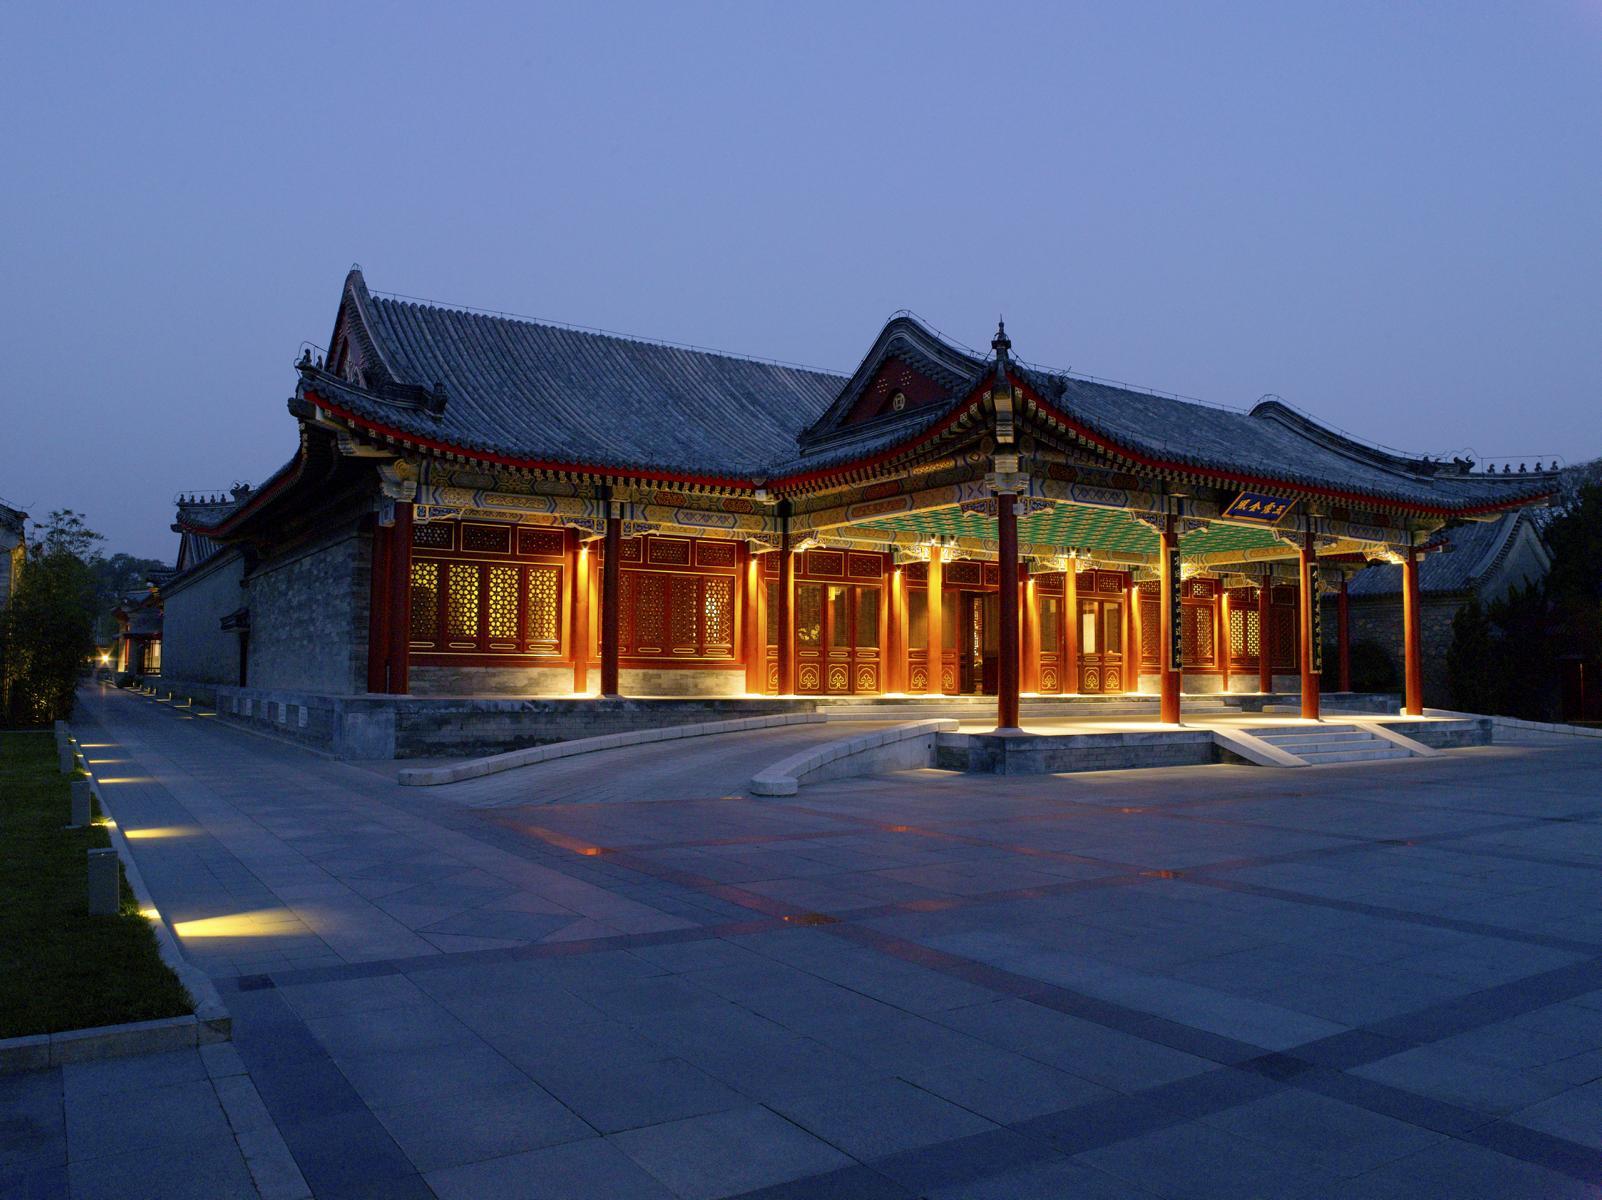 China - K1600_Aman-Summer-Palace-China-Arrival-Pavilion_High-Res_2293.jpg